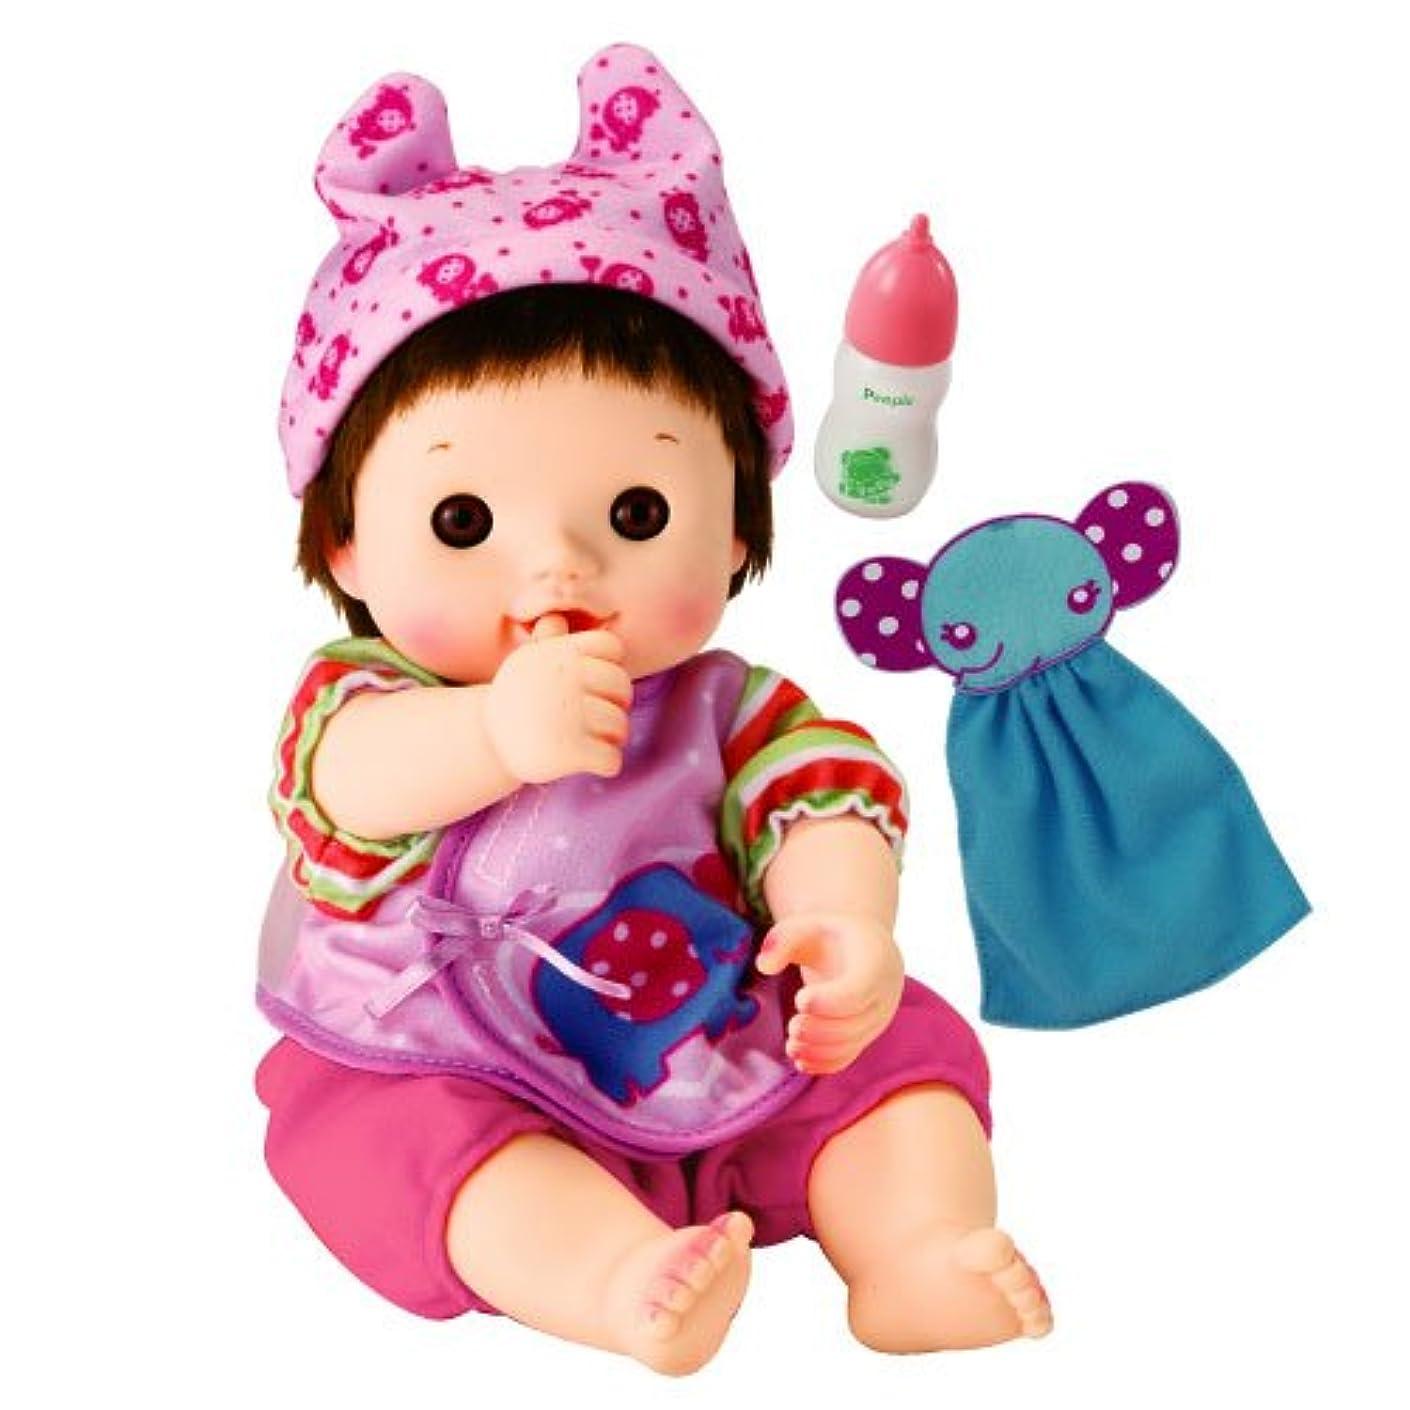 近代化するジョイントユダヤ人ぽぽちゃん お人形 やわらかお肌のちいぽぽちゃん ごくごくミルク&ぞうさんタオルつき